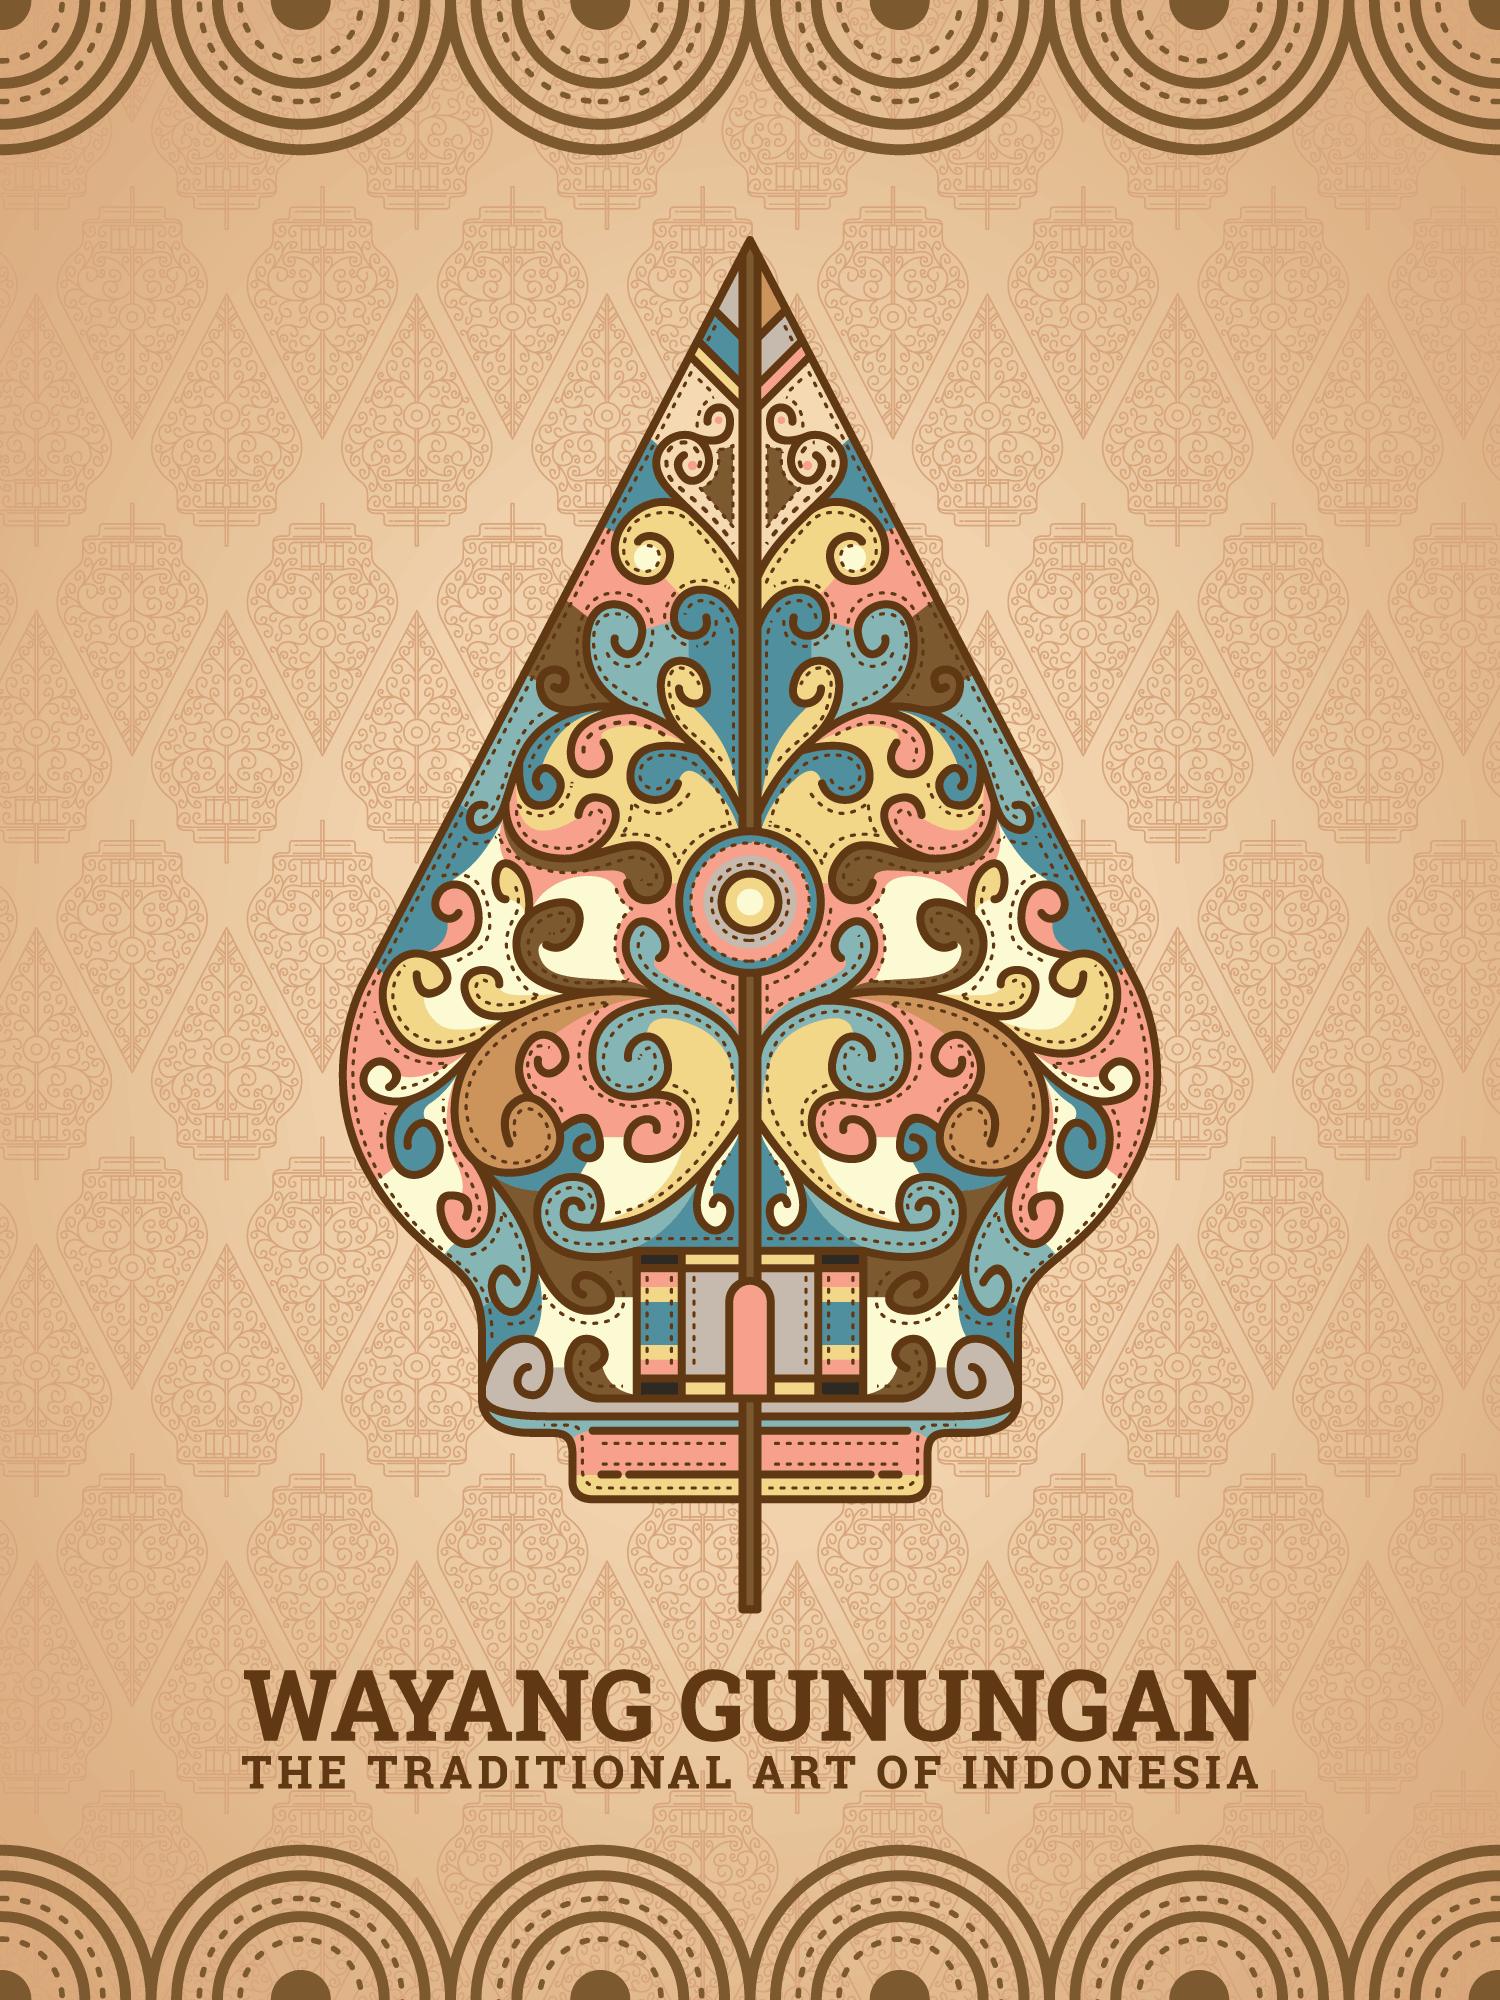 gunungan wayang download free vectors clipart graphics vector art https www vecteezy com vector art 192158 gunungan wayang